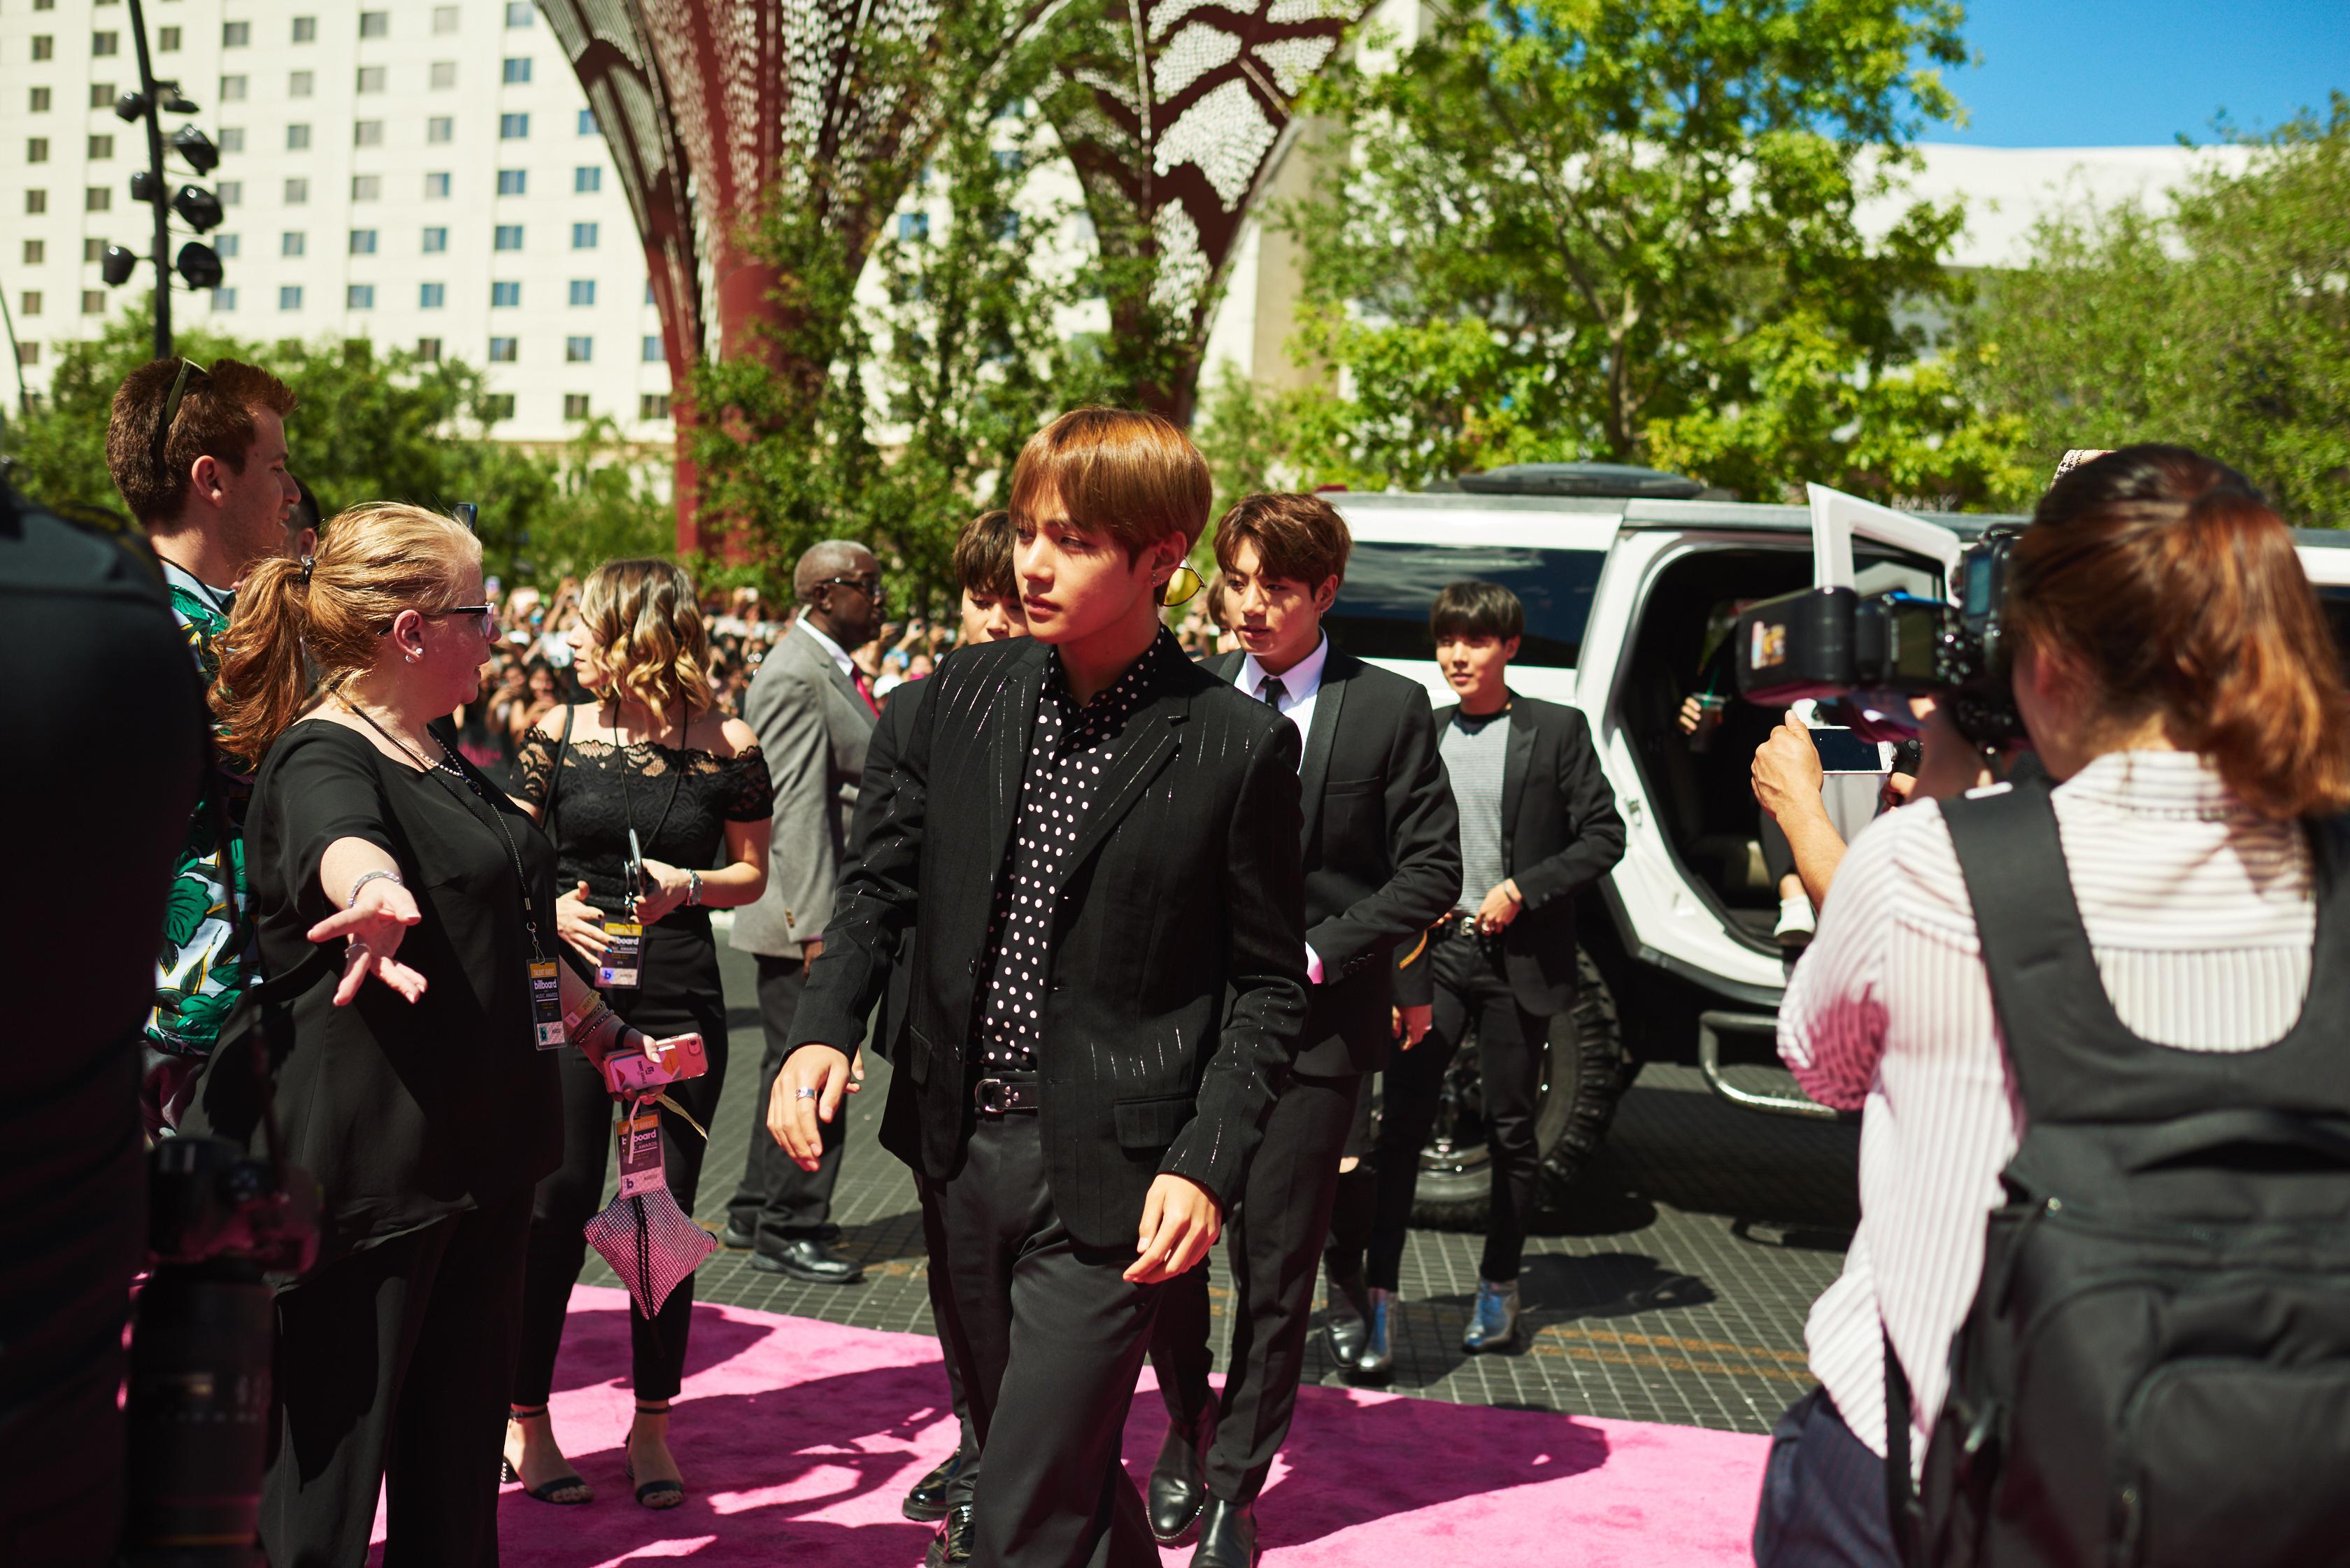 bts arrives at billboard music awards  walks magenta carpet